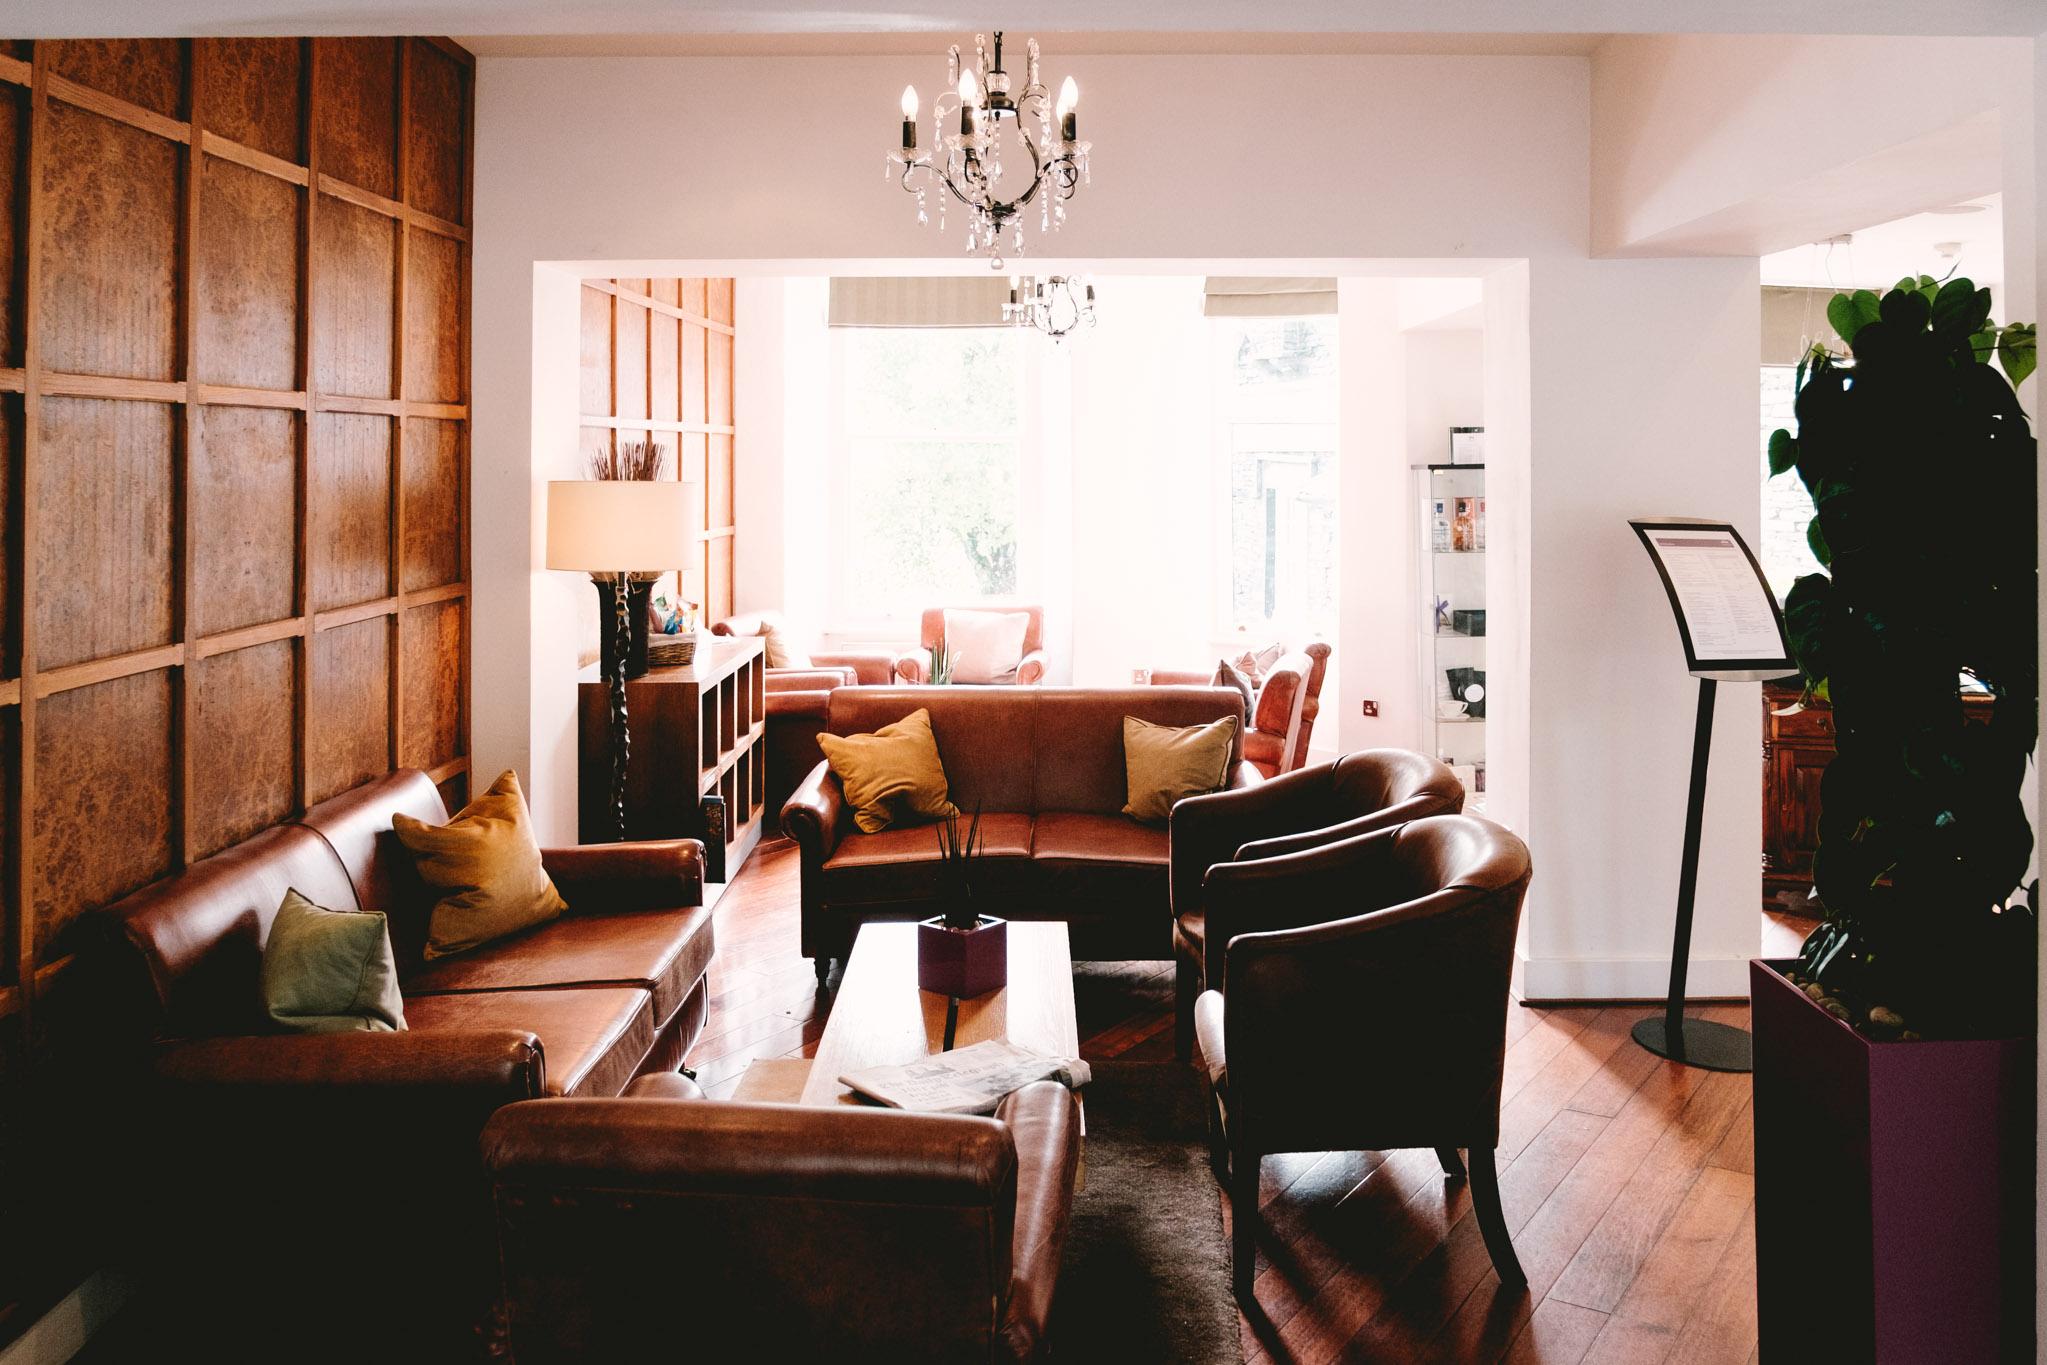 Waterhead-Hotel-Ambleside-160823-170821.jpg